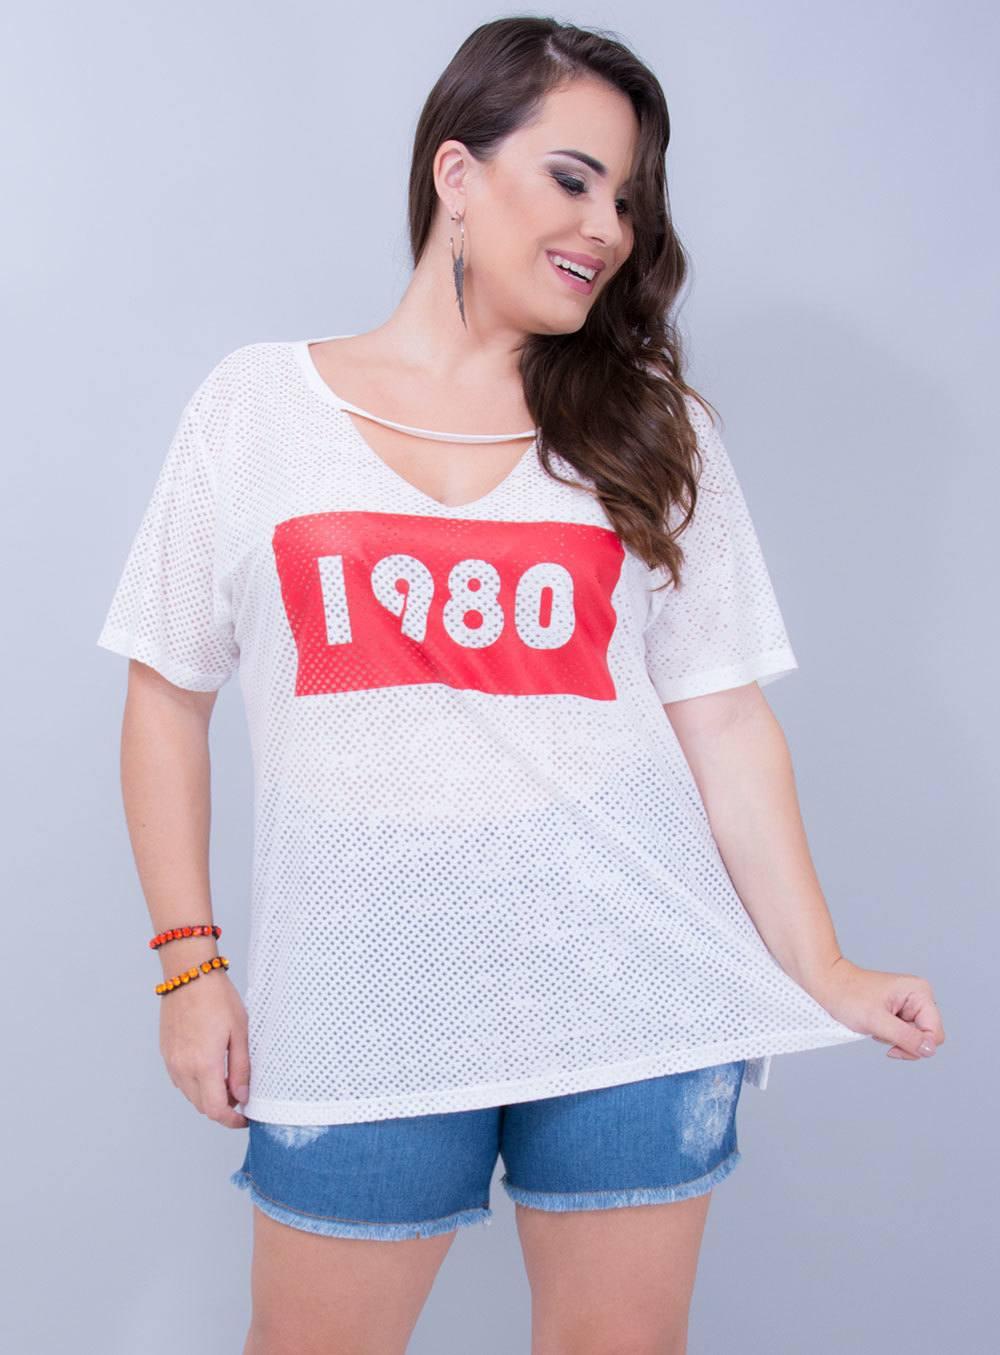 T-shirt em Malha Podrinha 1980 Chocker Branca [EL10149]